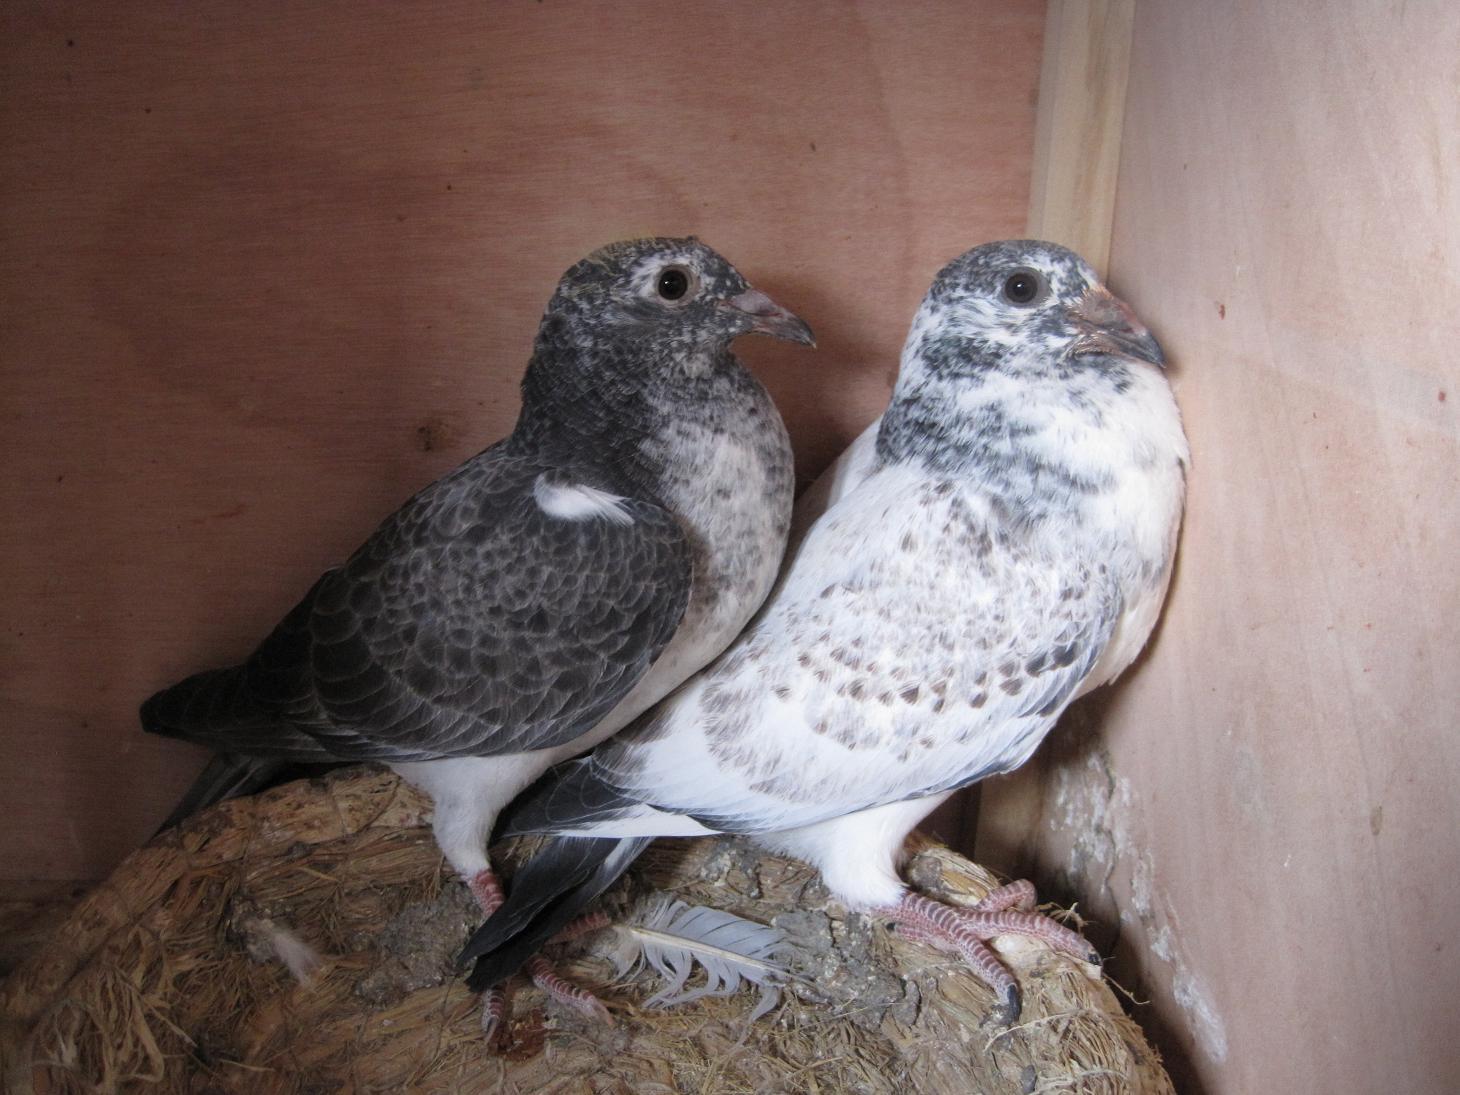 幼鸽成长图 鸽子成长过程图片图片